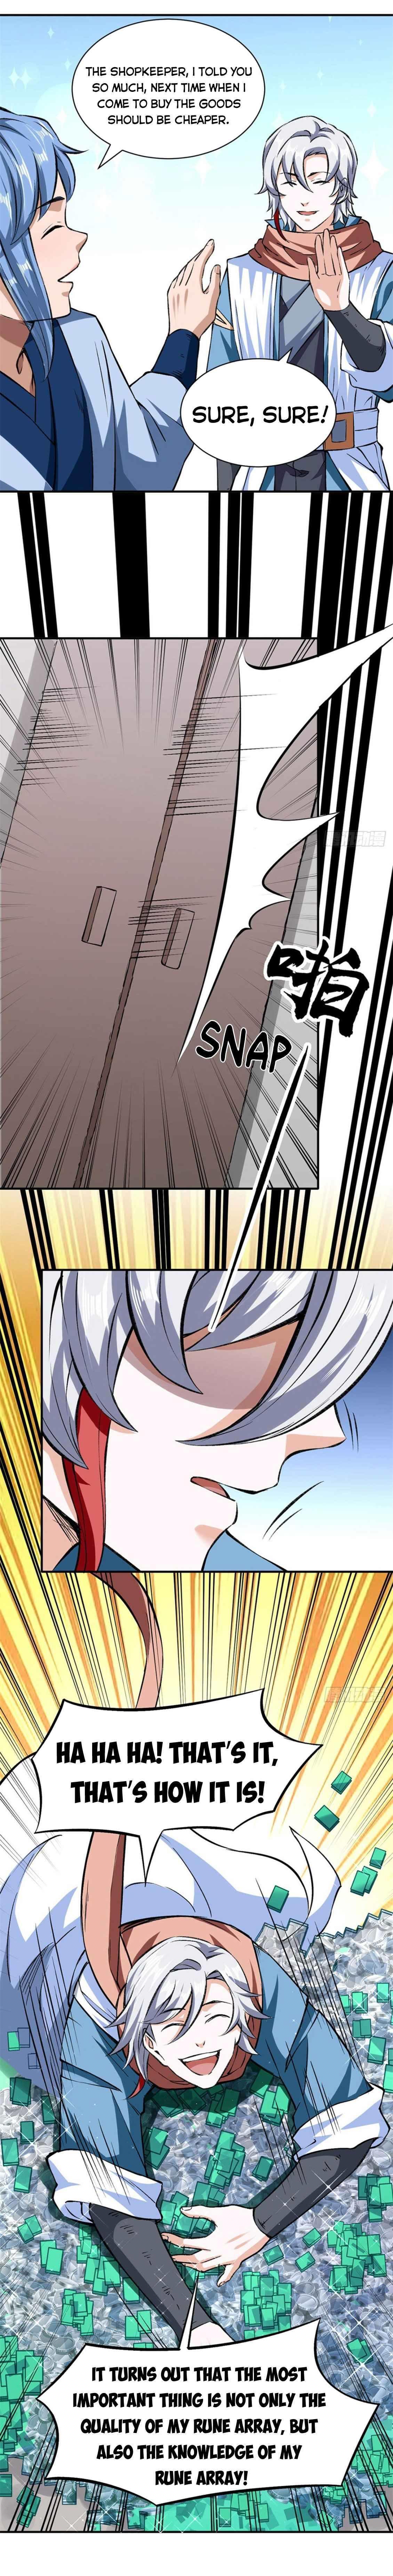 Martial Arts Reigns Chapter 313 page 4 - Mangakakalot